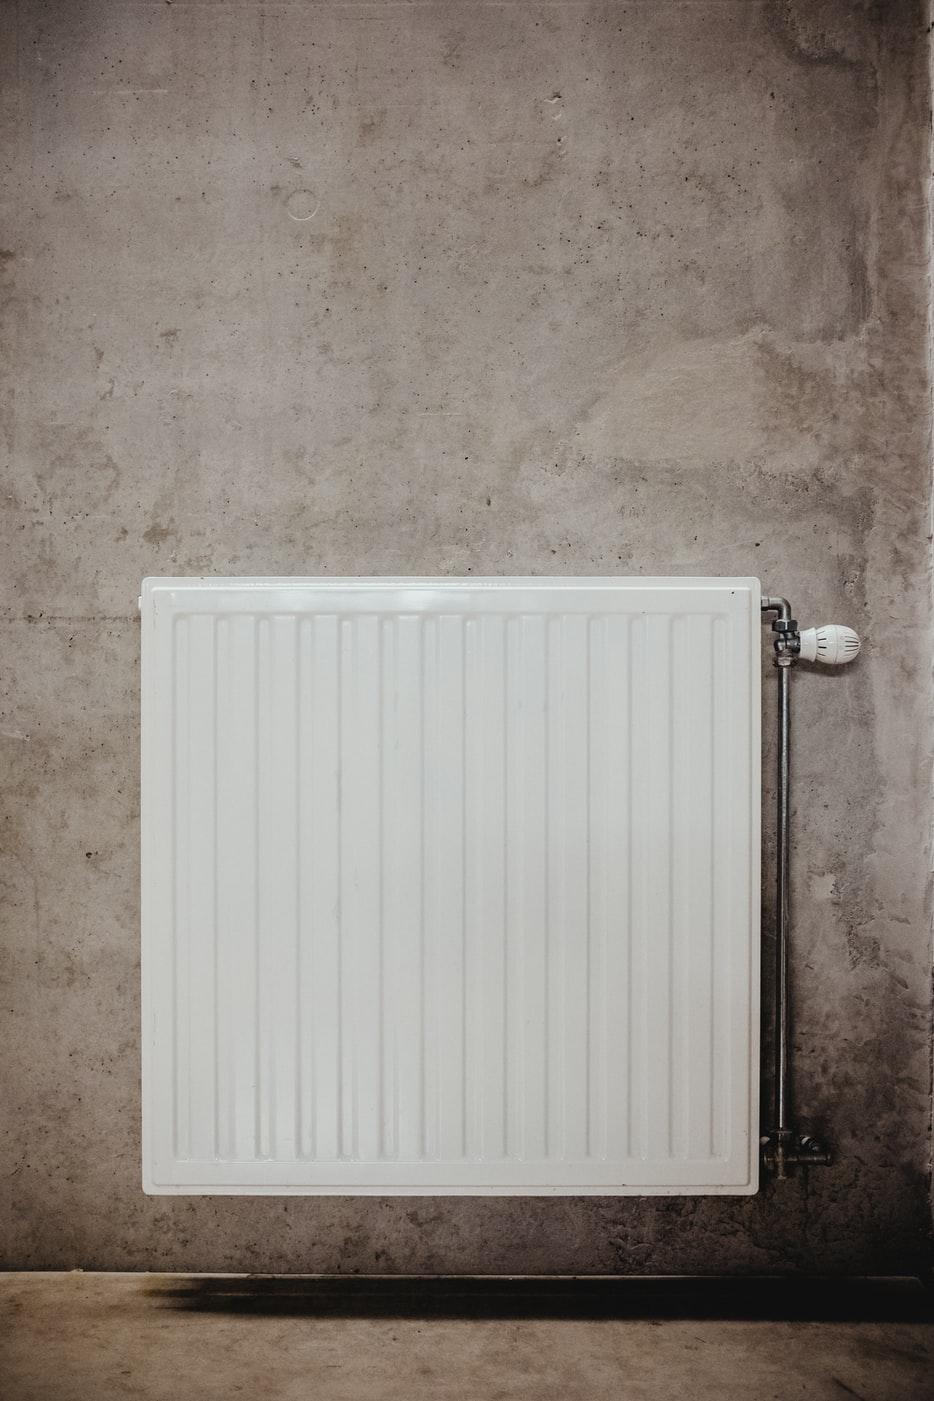 Le radiateur ne chauffe pas ! Que faire ?